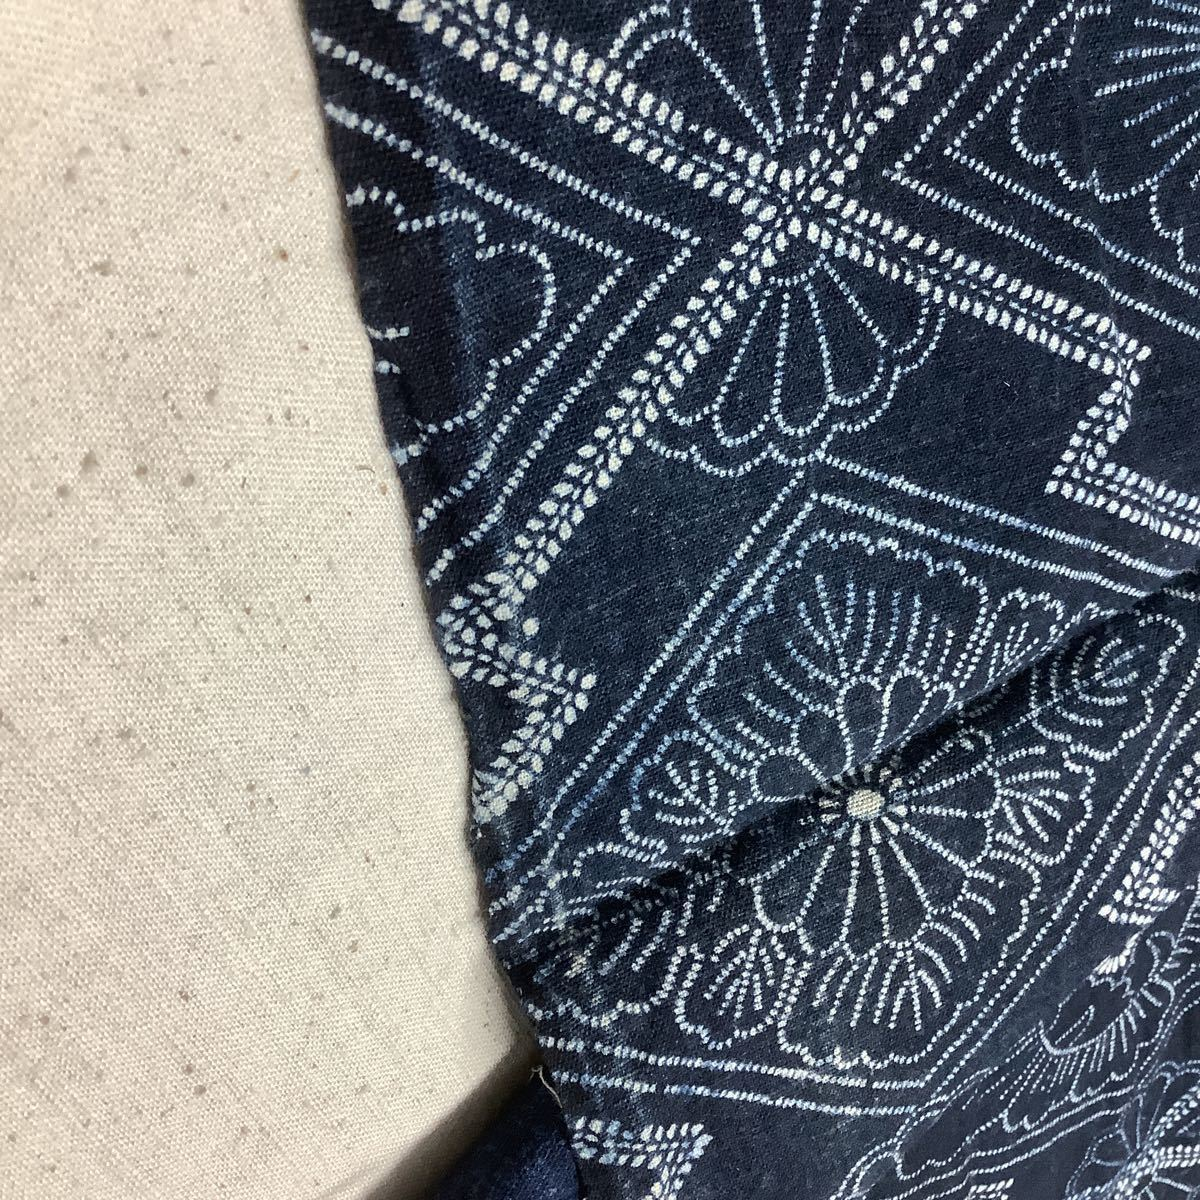 ◆古布前掛け専門屋◆アンティーク◆手織木綿◆本藍染◆型染め◆3幅3巾◆布団側◆刺子襤褸麻書生絣蚊絣雪ん子BOROはぎれ_画像6